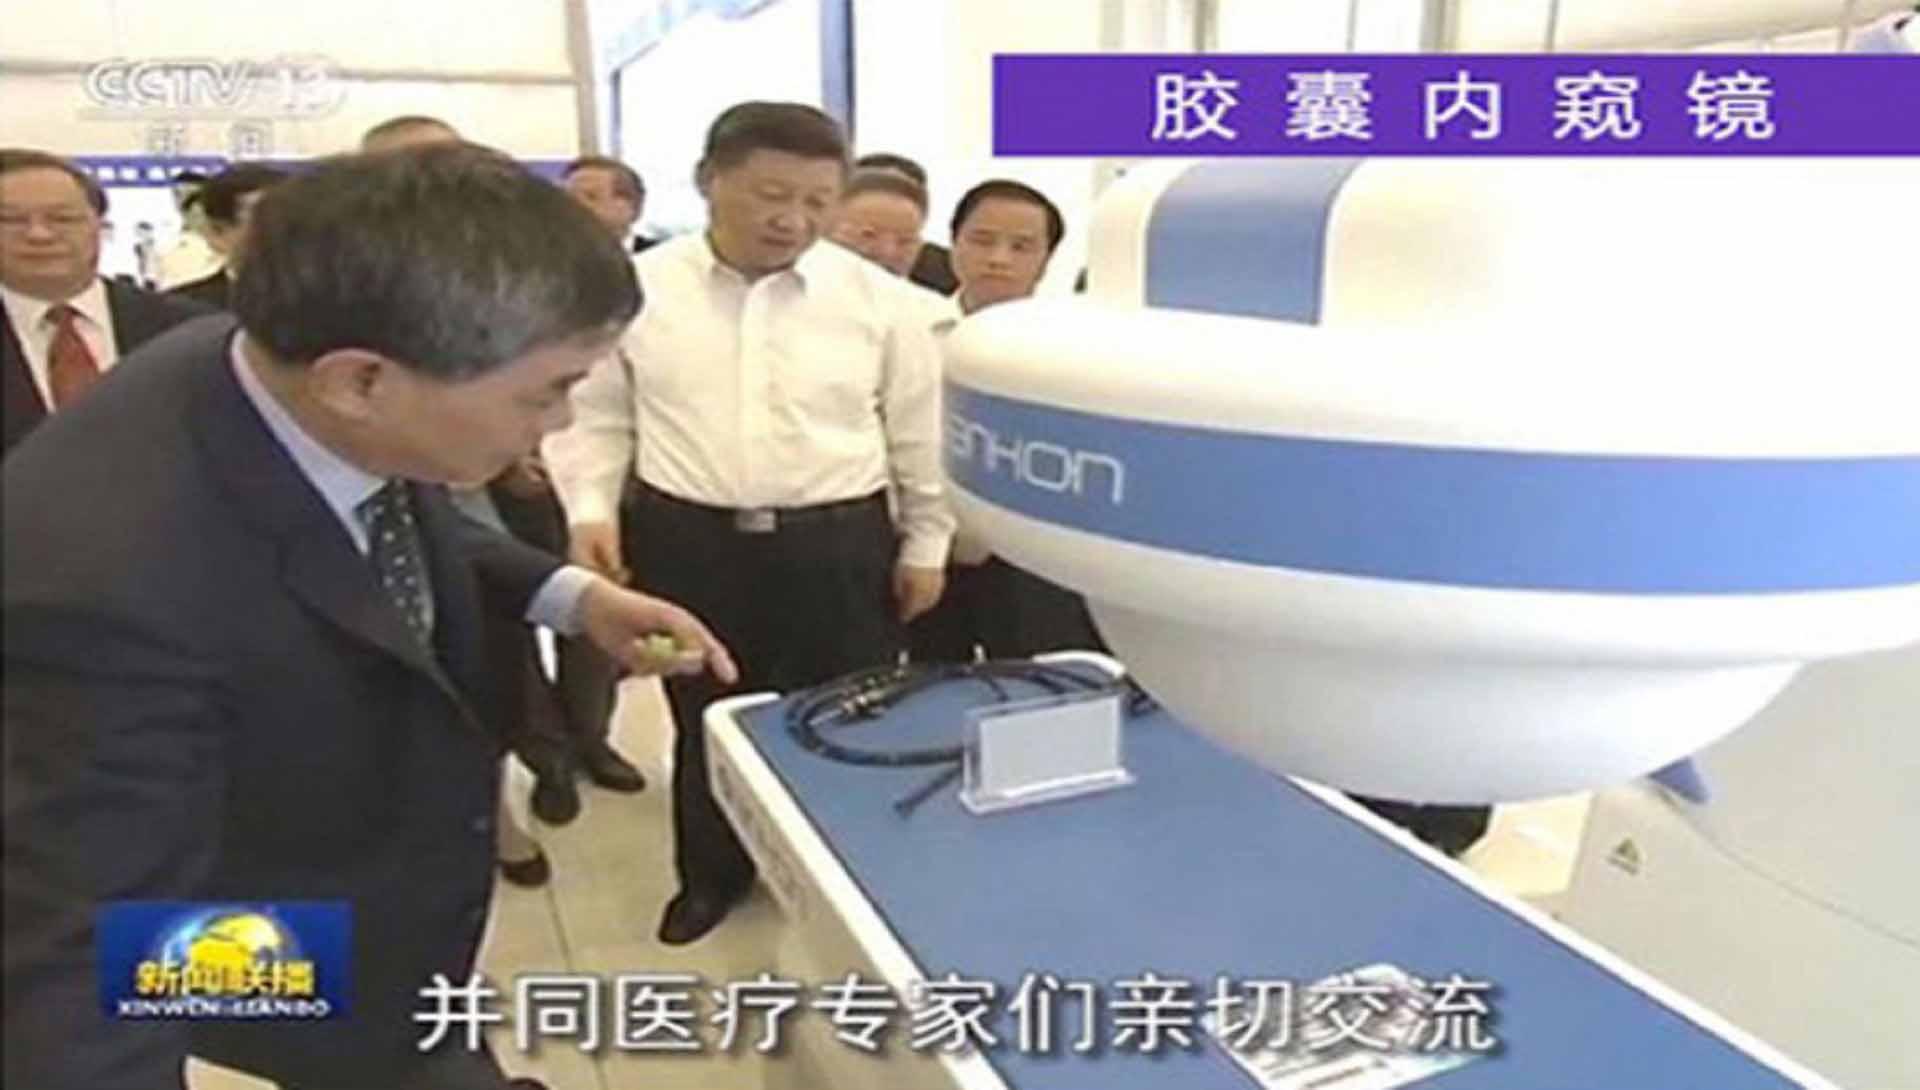 大领导参观过的医疗设备了解一下?